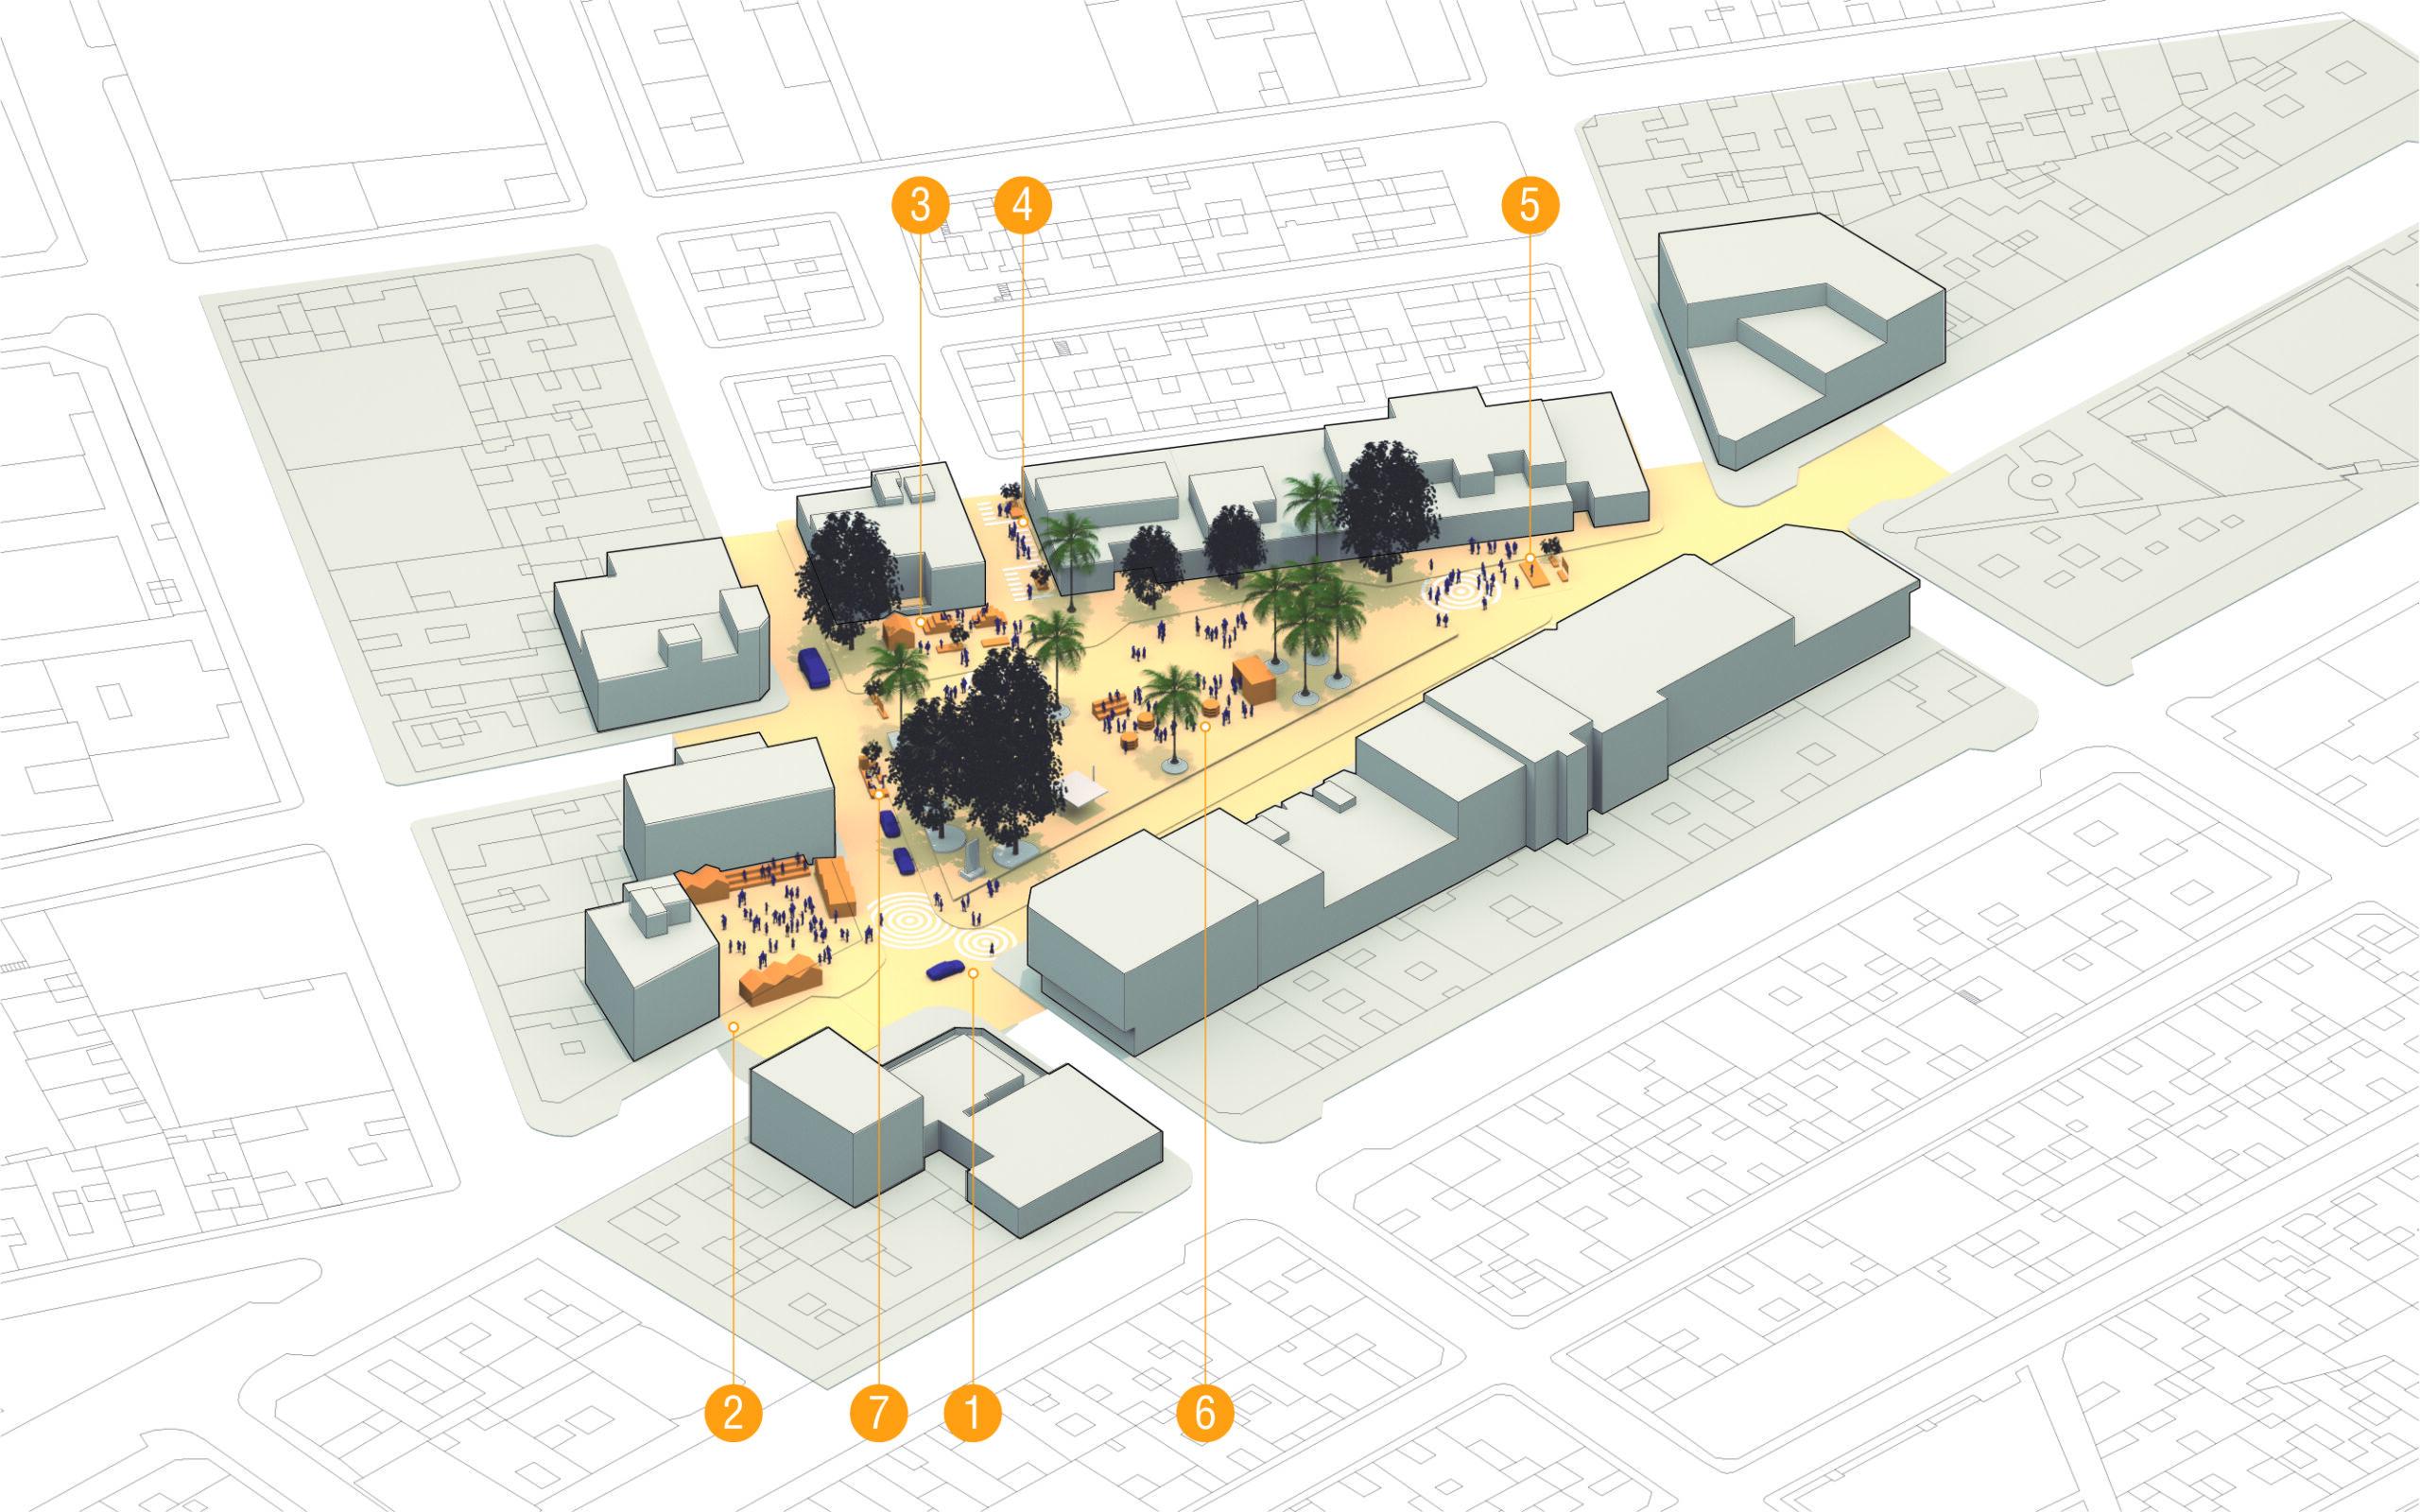 Resultados Diseño Cívico Plaza del Tomate, Puerto del Rosario